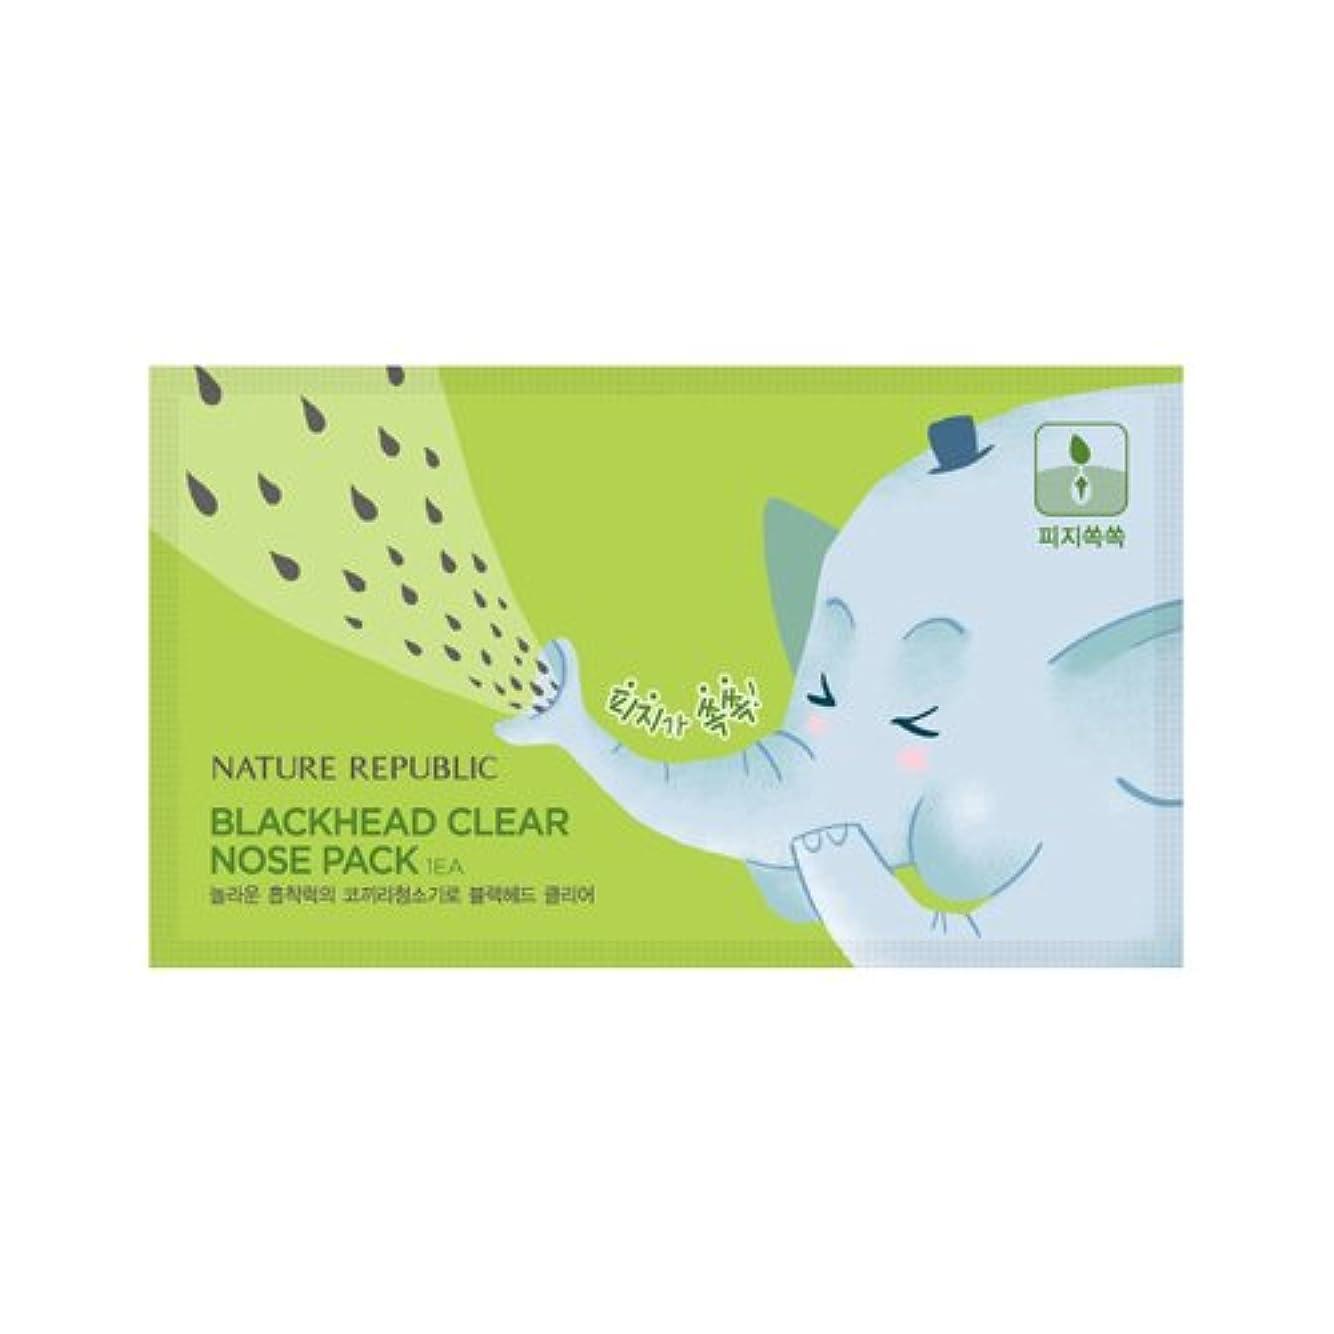 サンダーフィット別れるNature Republic Black Head Clear Nose Pack [5ea] ネーチャーリパブリック ブラックヘッドクリア 鼻パック [5枚] [並行輸入品]